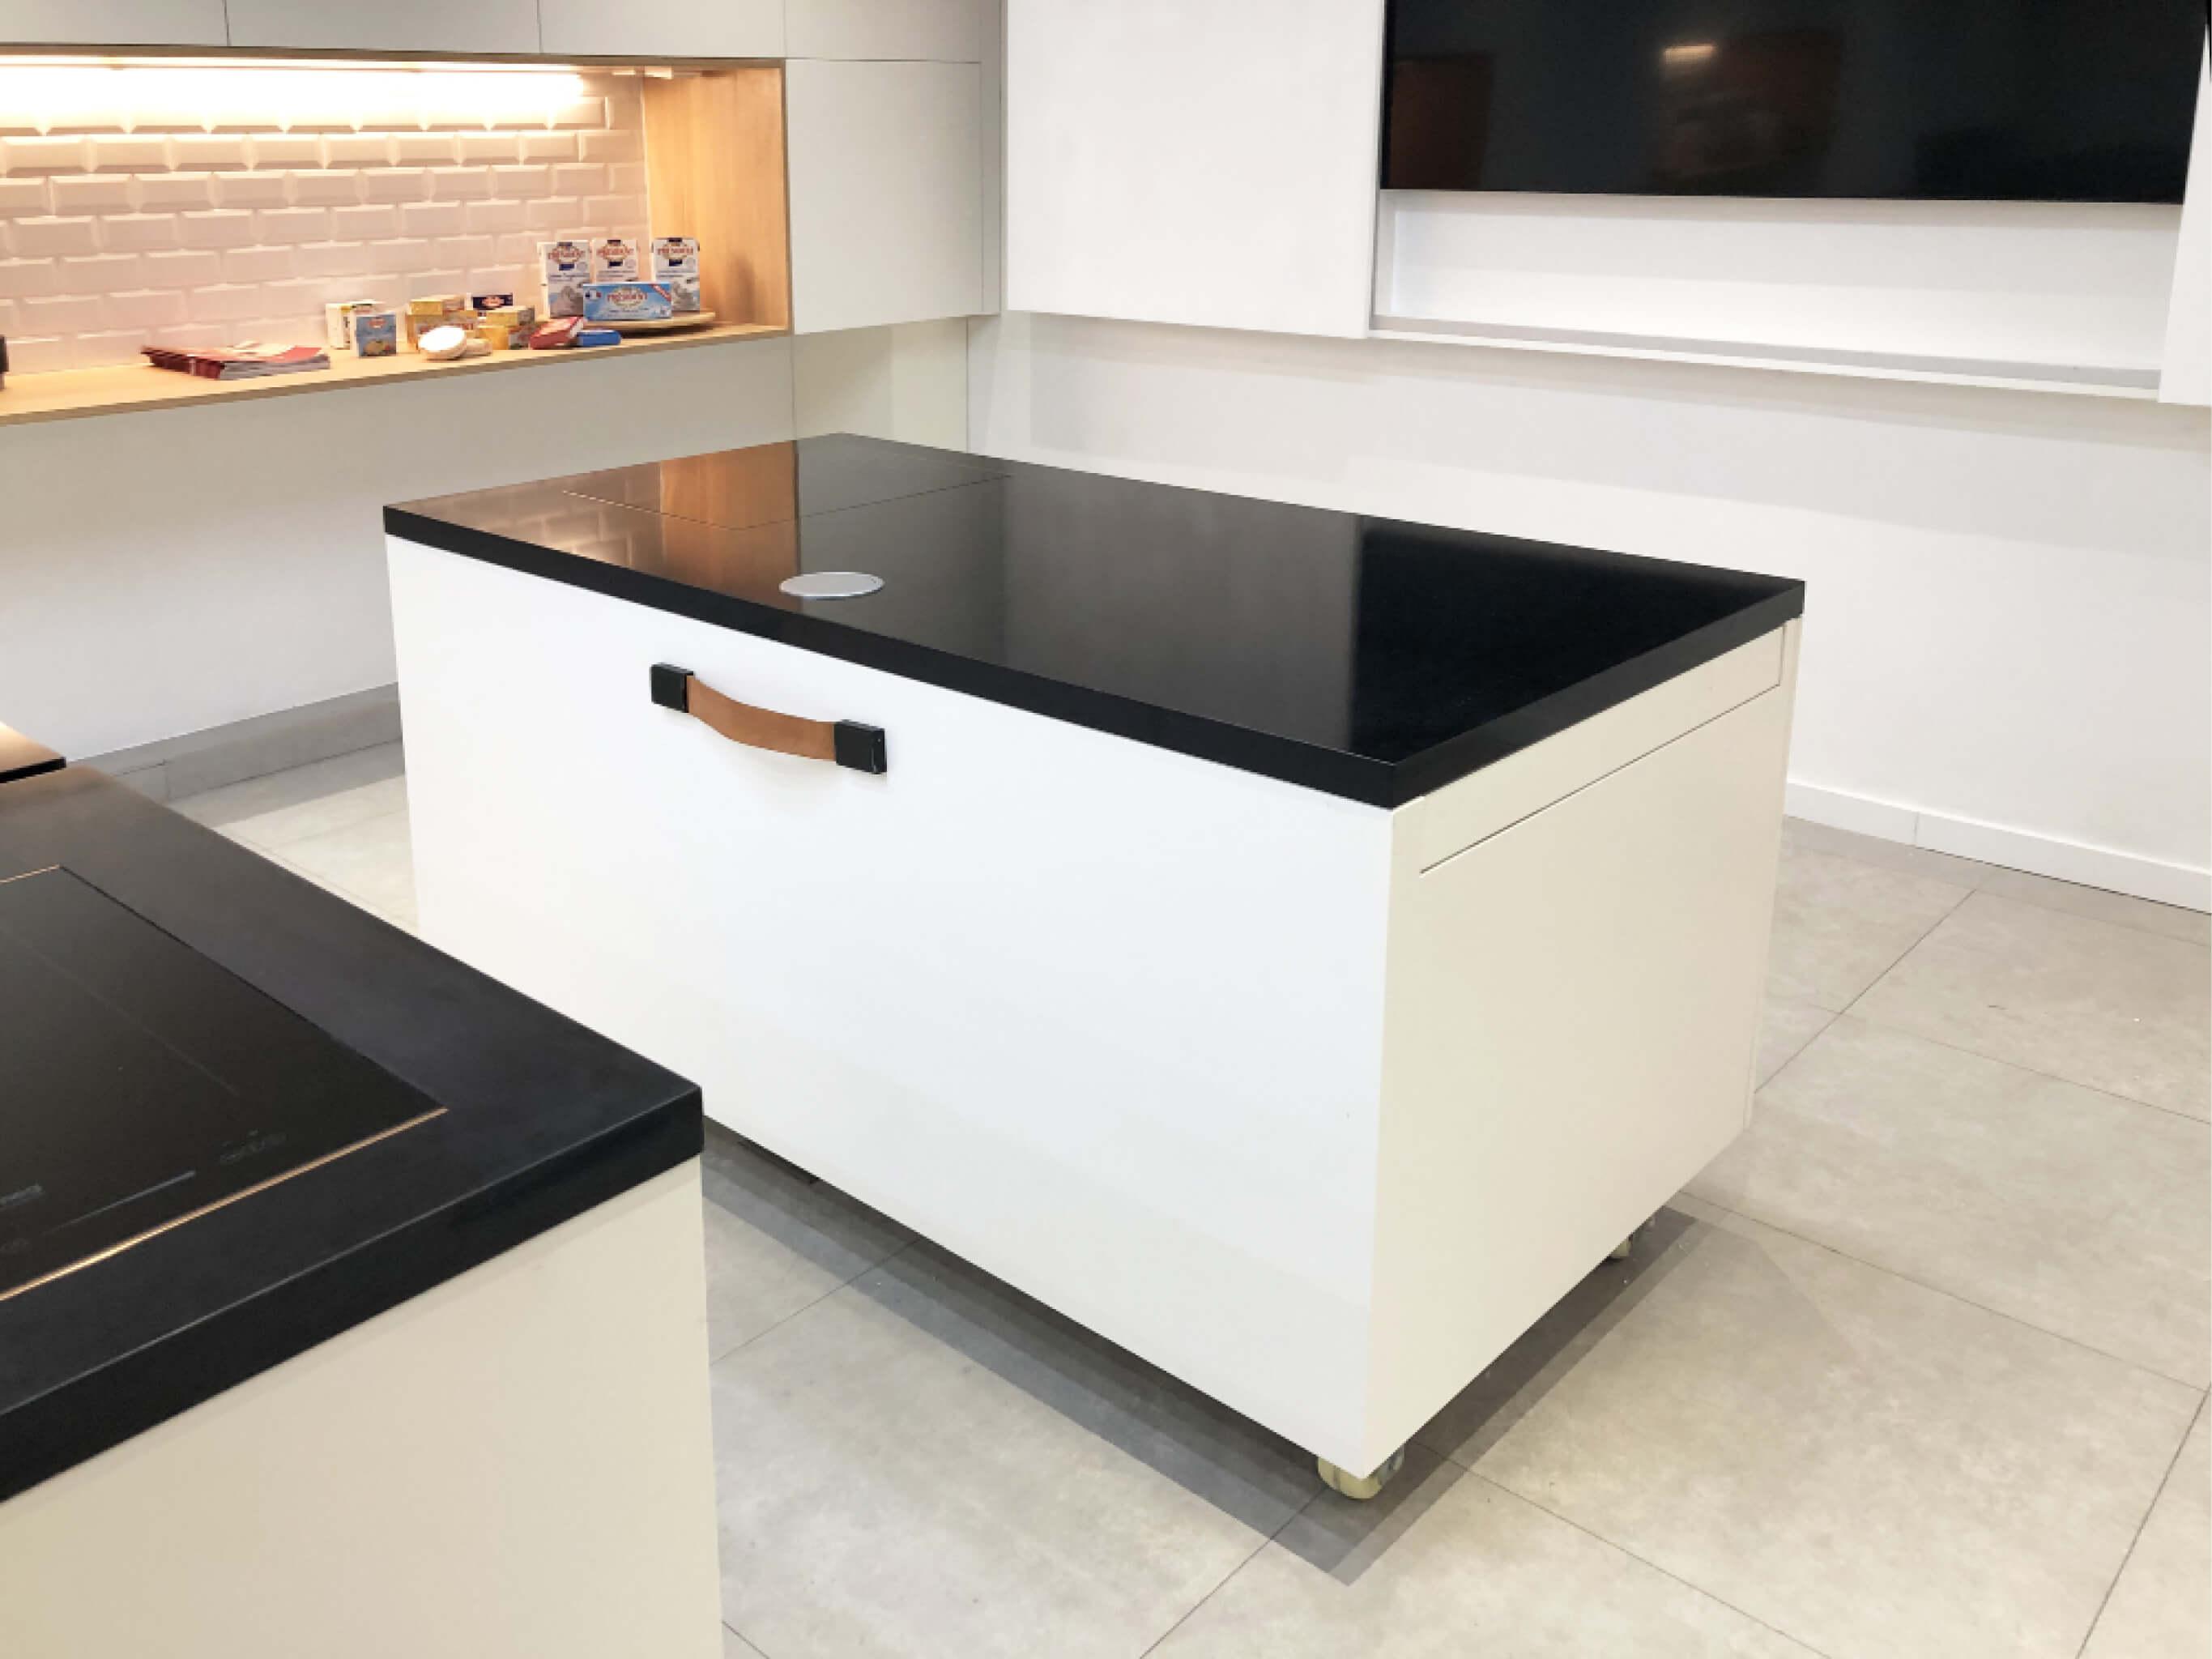 la-cremerie-mobilier-ilot-design-ichetkar52